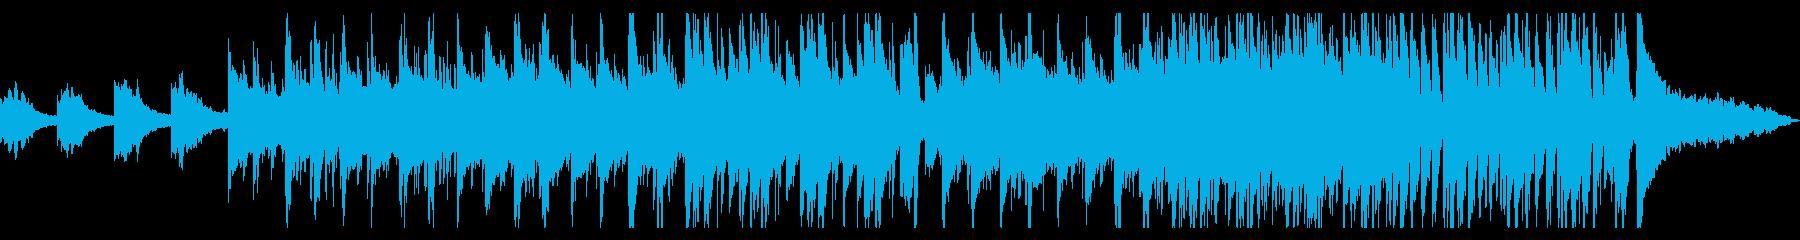 ゆったりとしたバンド系インストの再生済みの波形